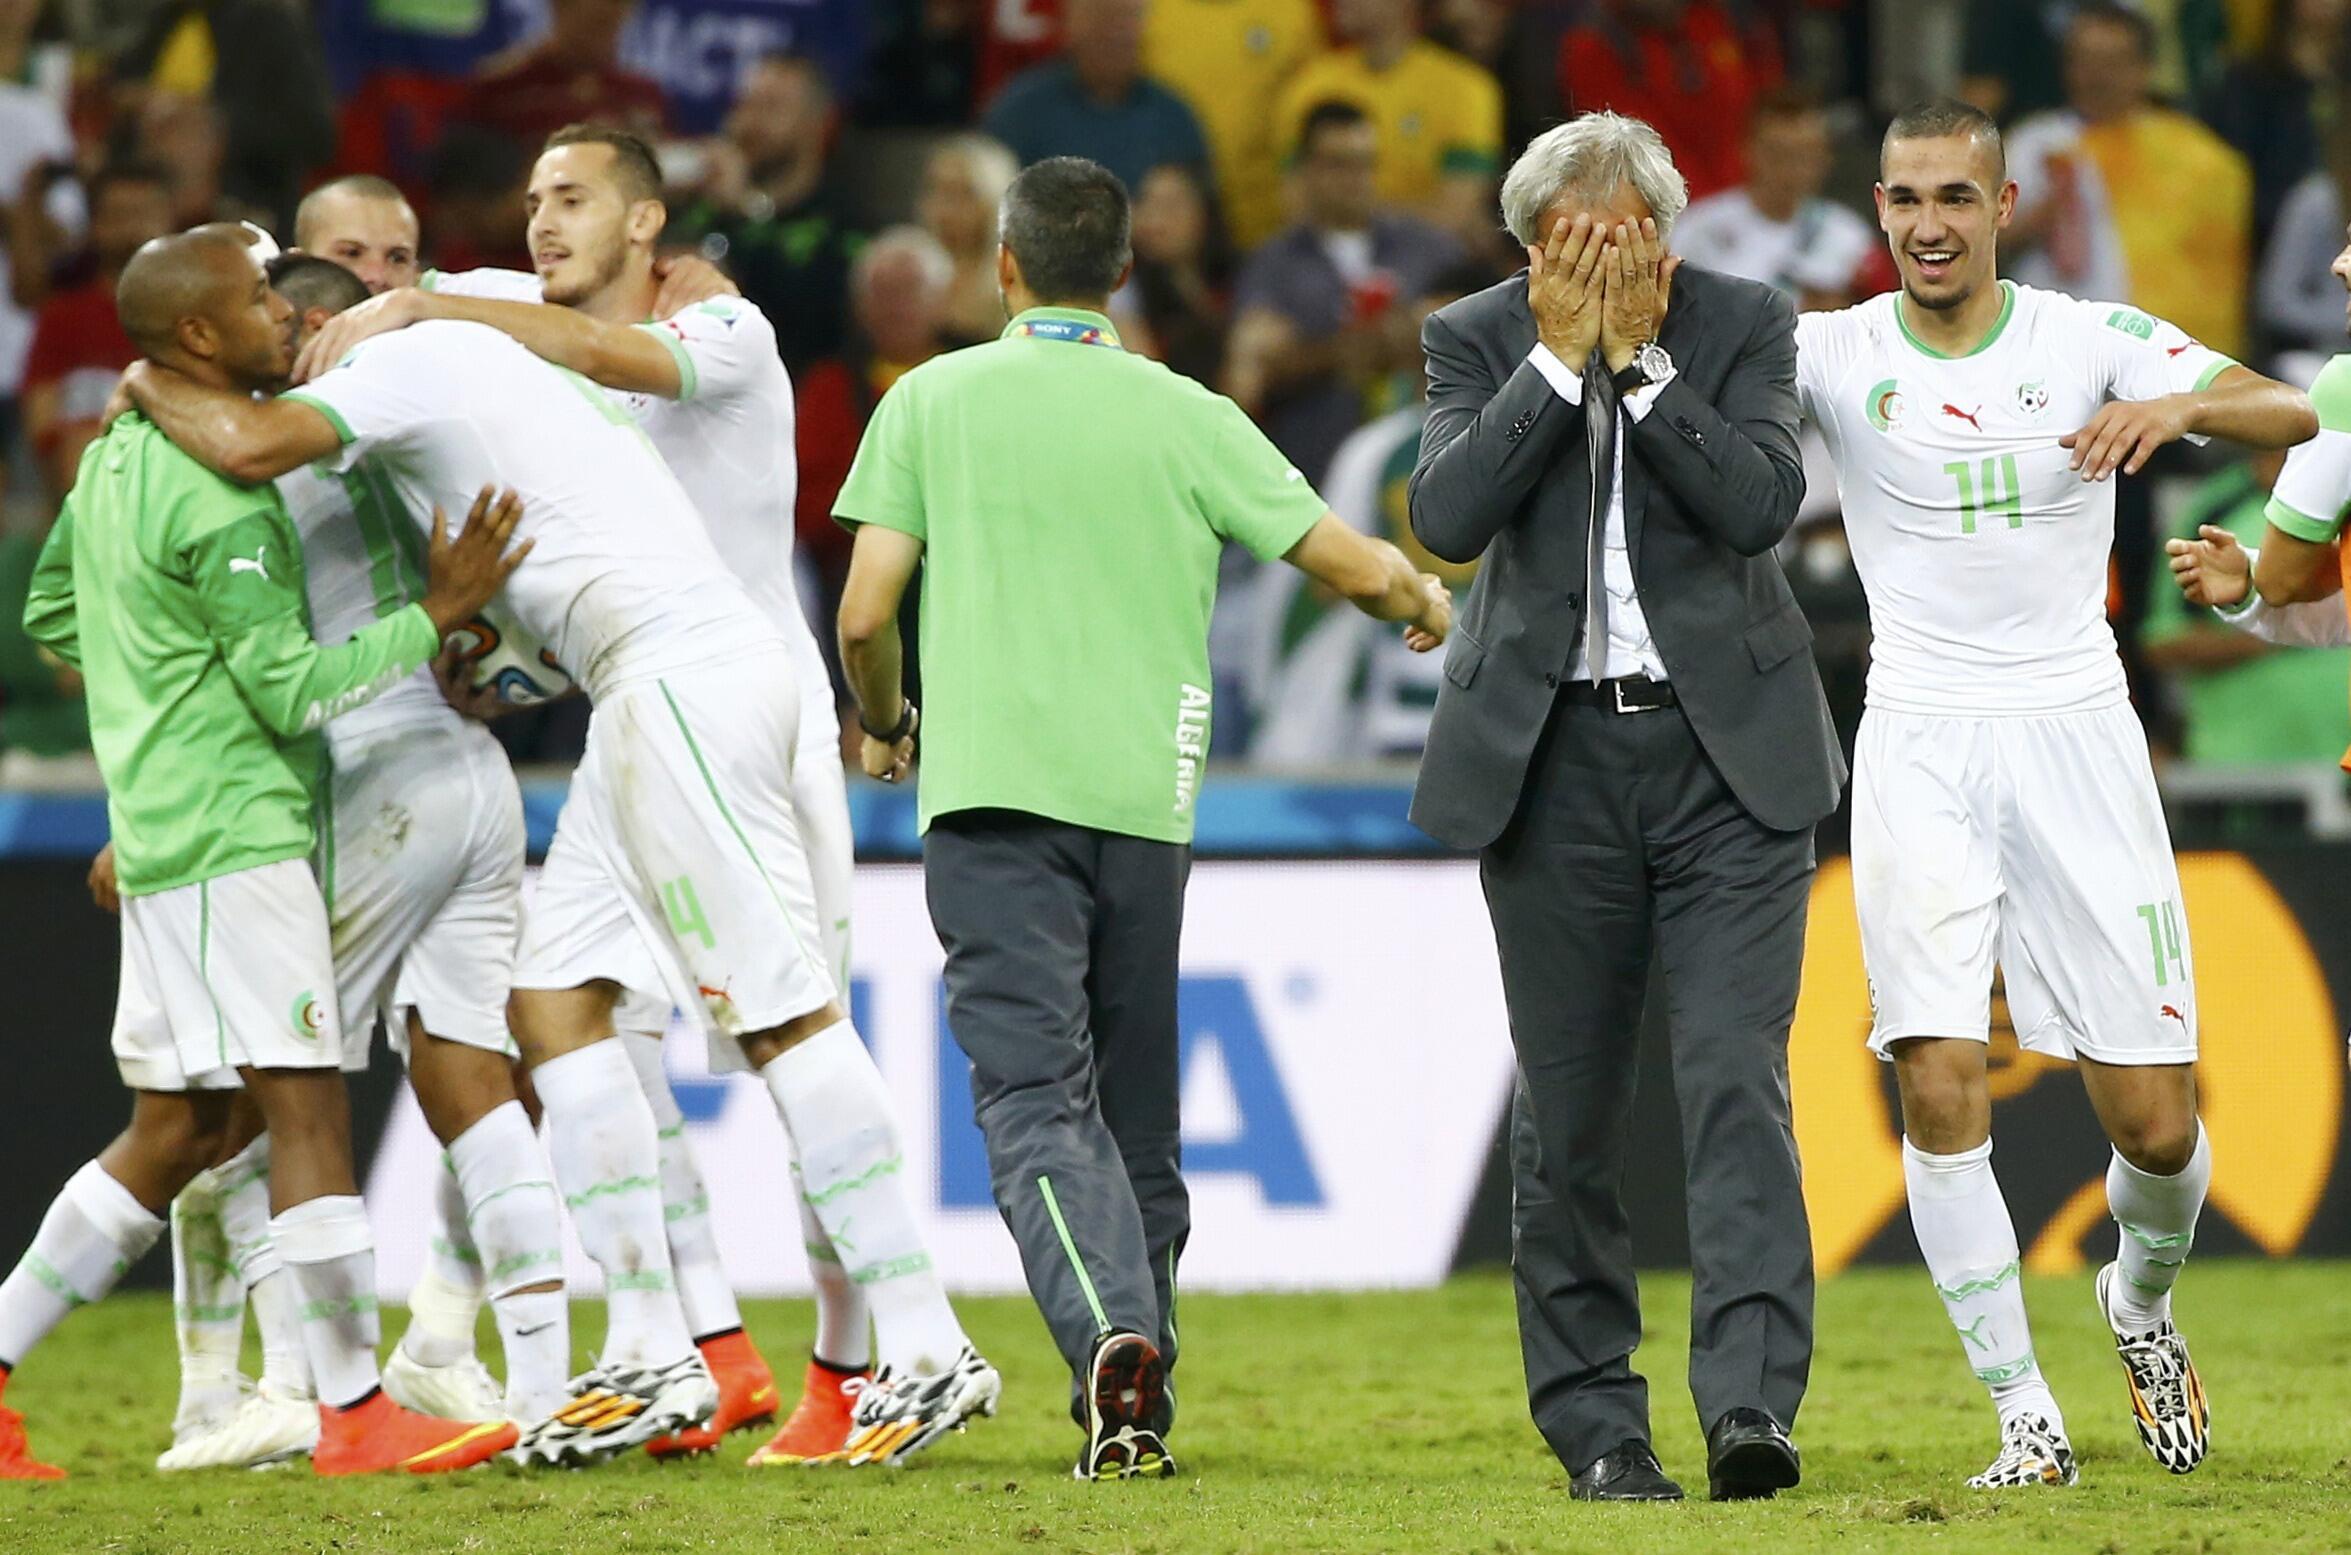 Le sélectionneur de l'Algérie Vahid Halilhodzic et ses joueurs, au moment de fêter la qualification historique des Fennecs pour les huitièmes de finale du Mondial brésilien, le 26 juin 2014.